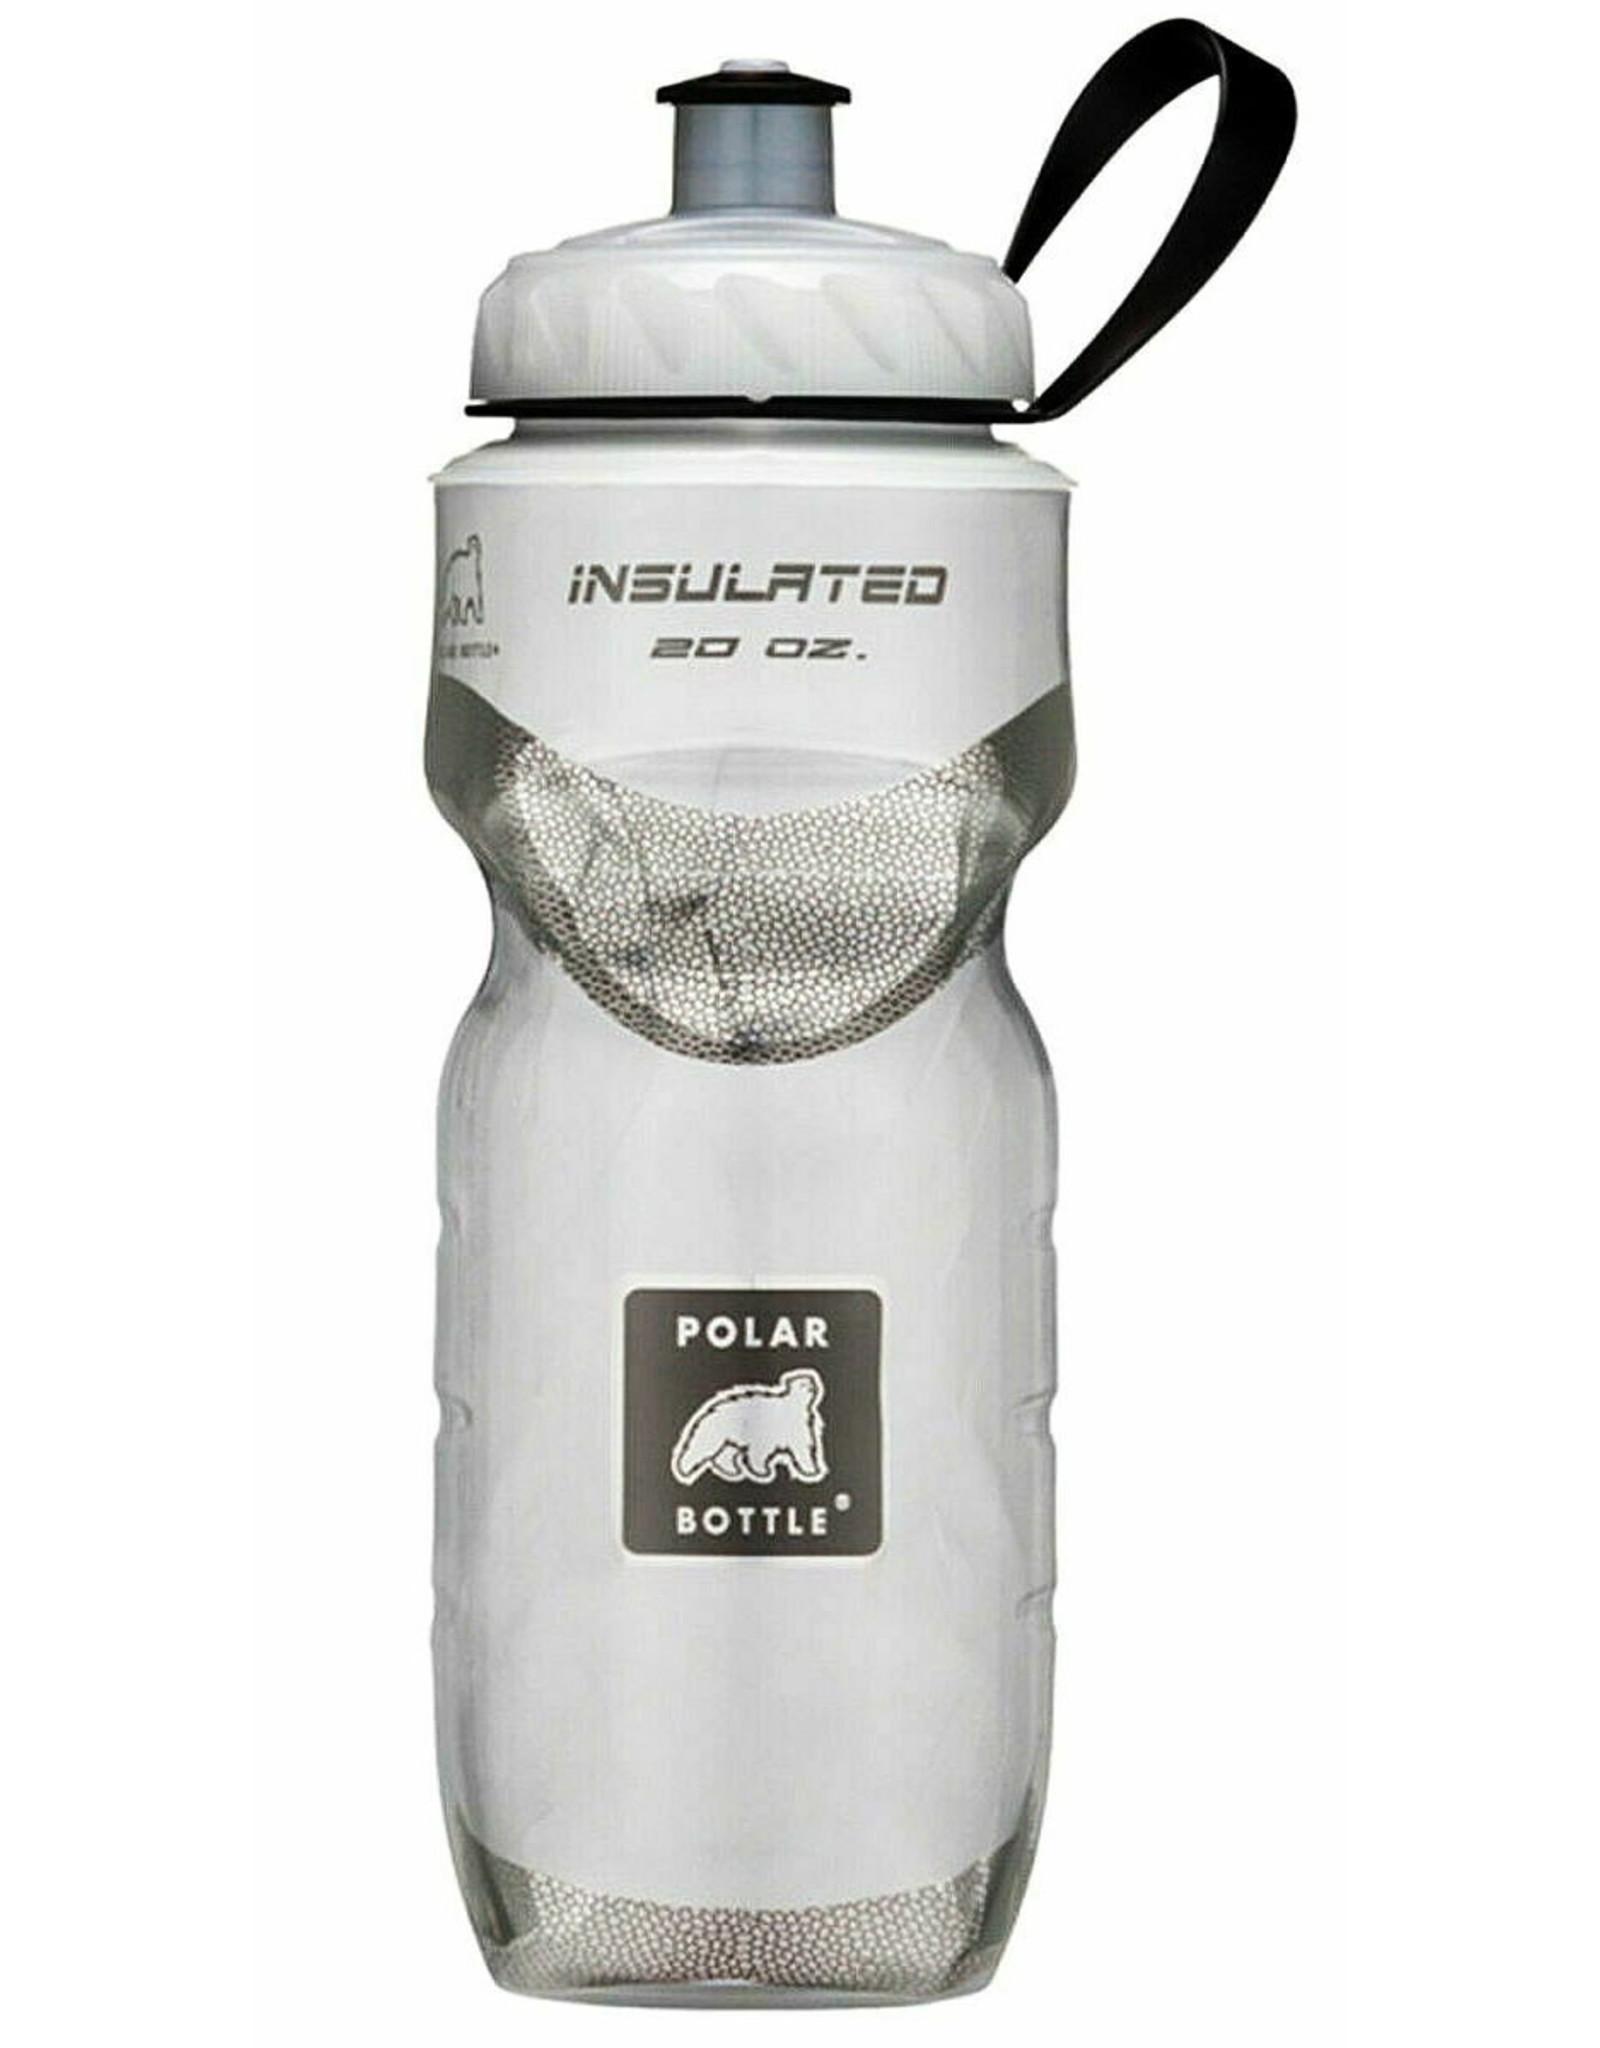 POLAR Bottle Insulated Standard Valve